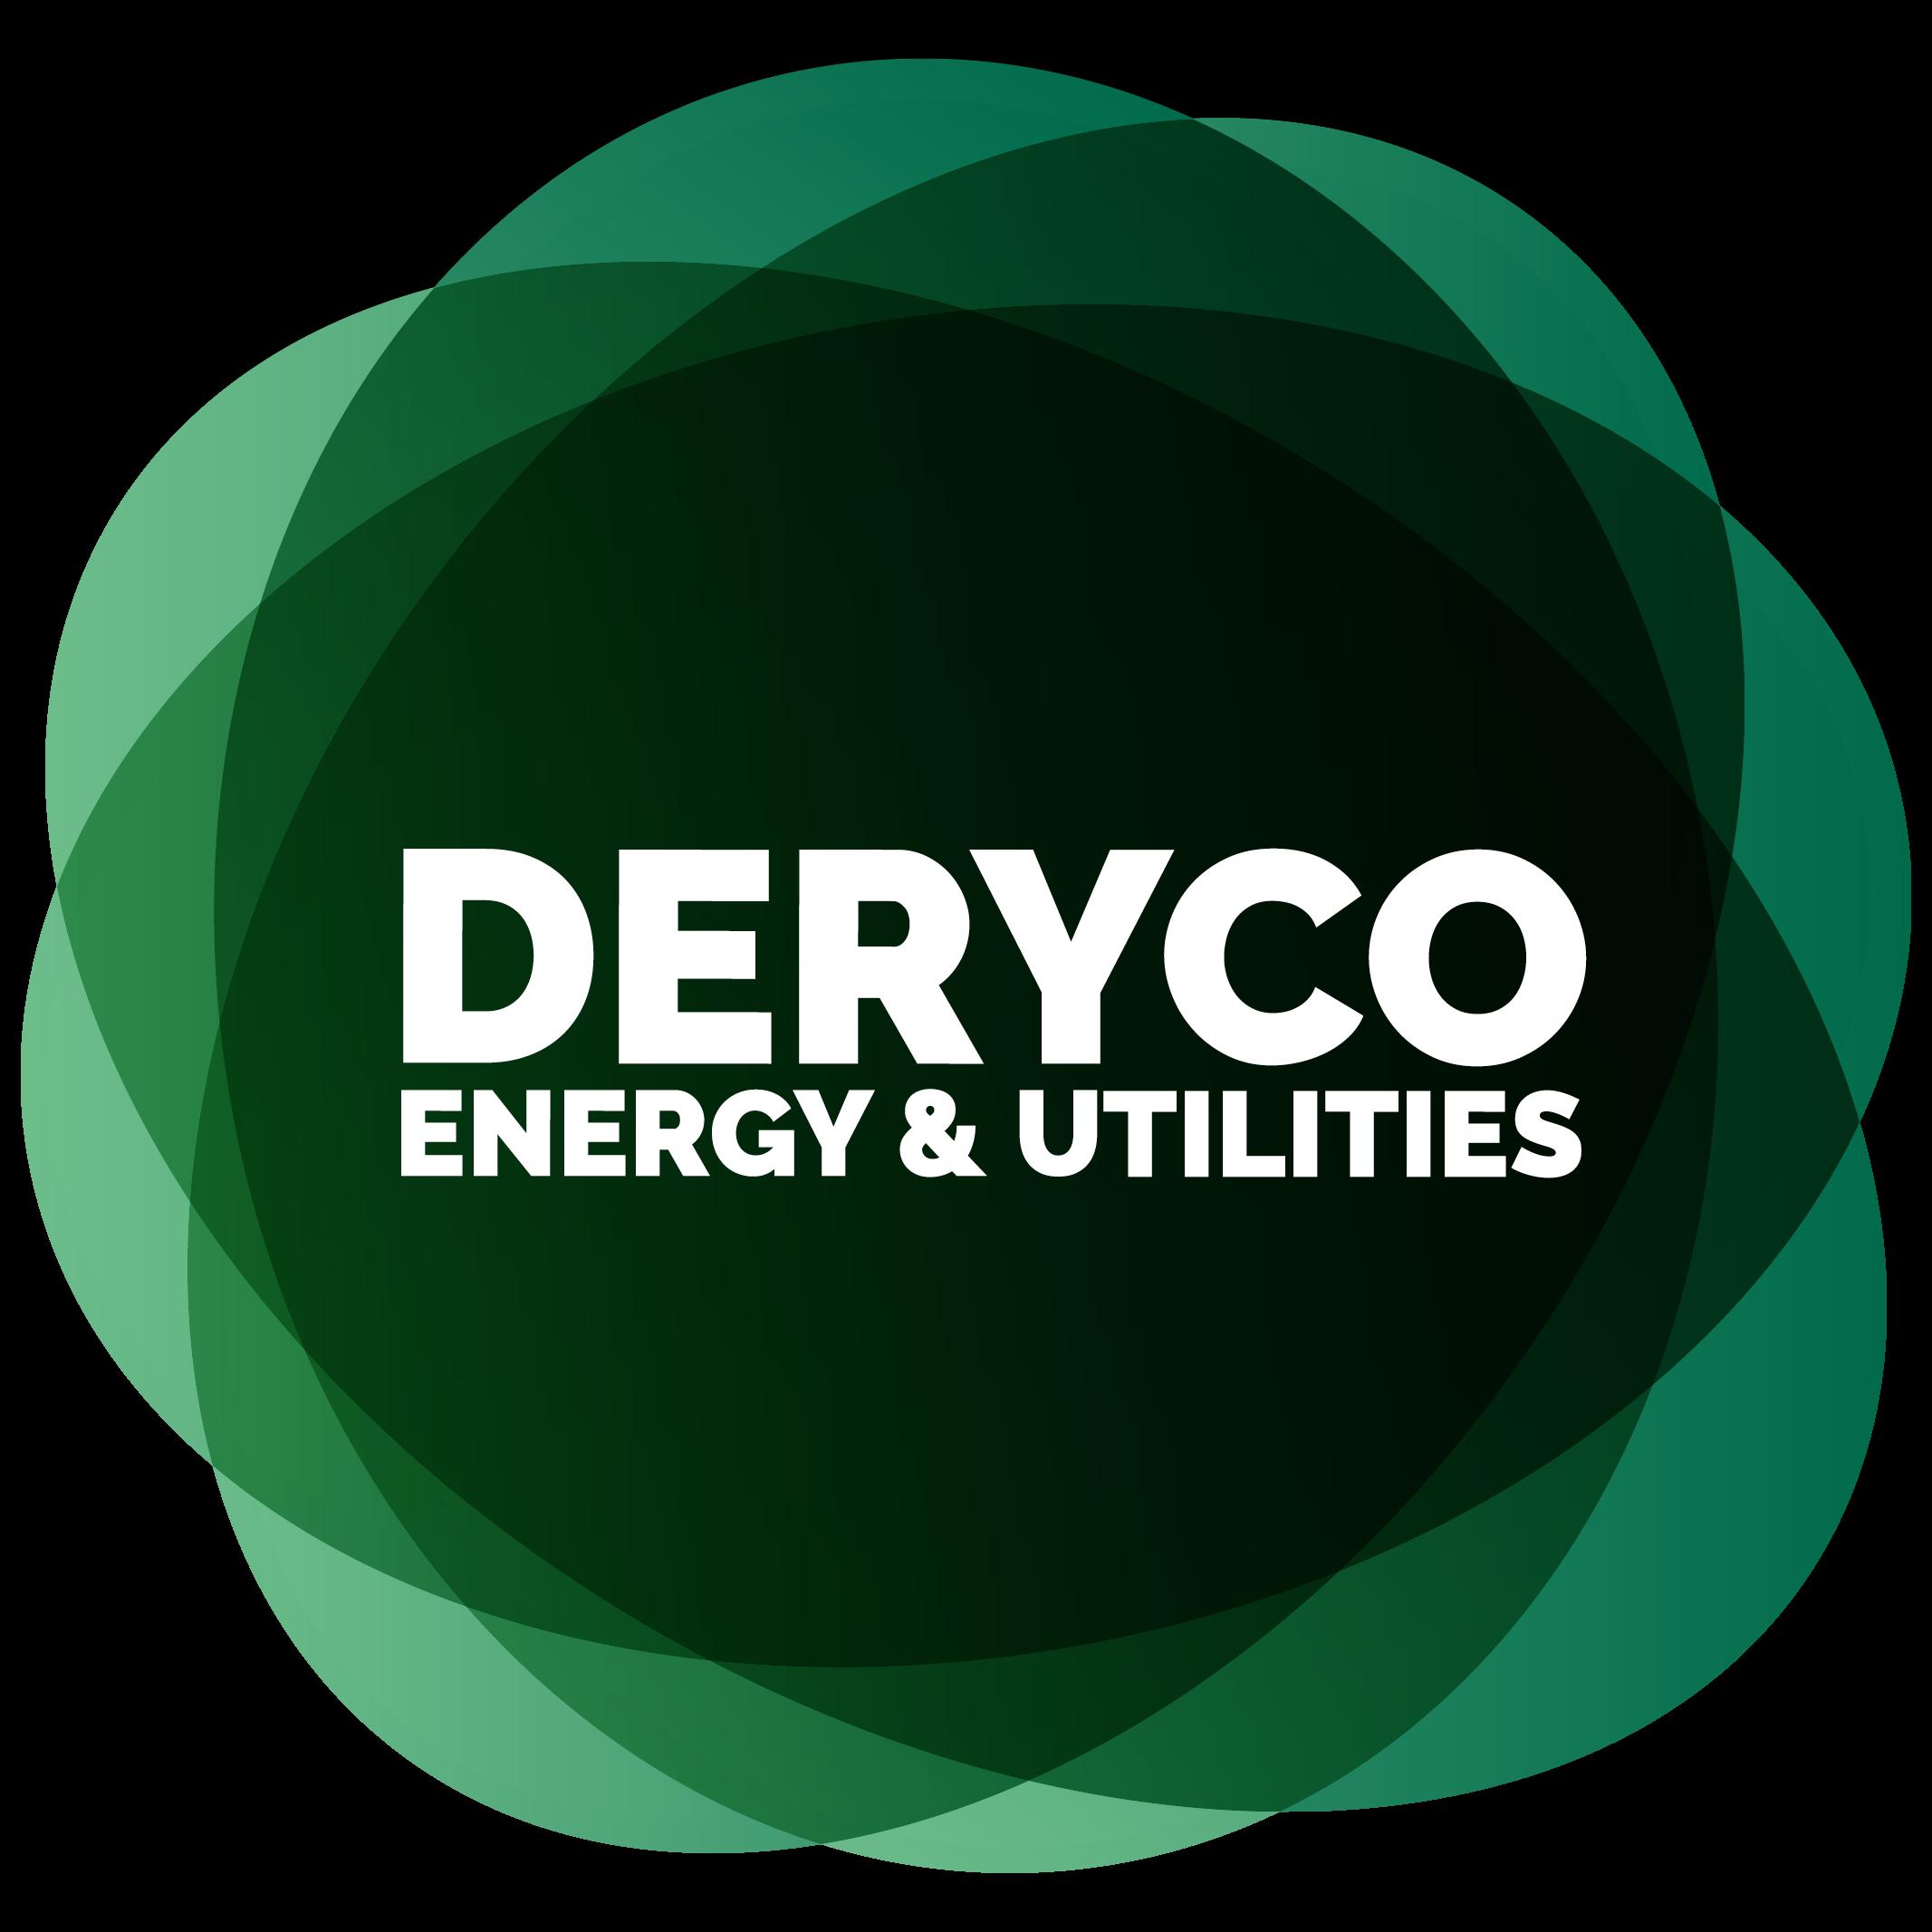 Deryco